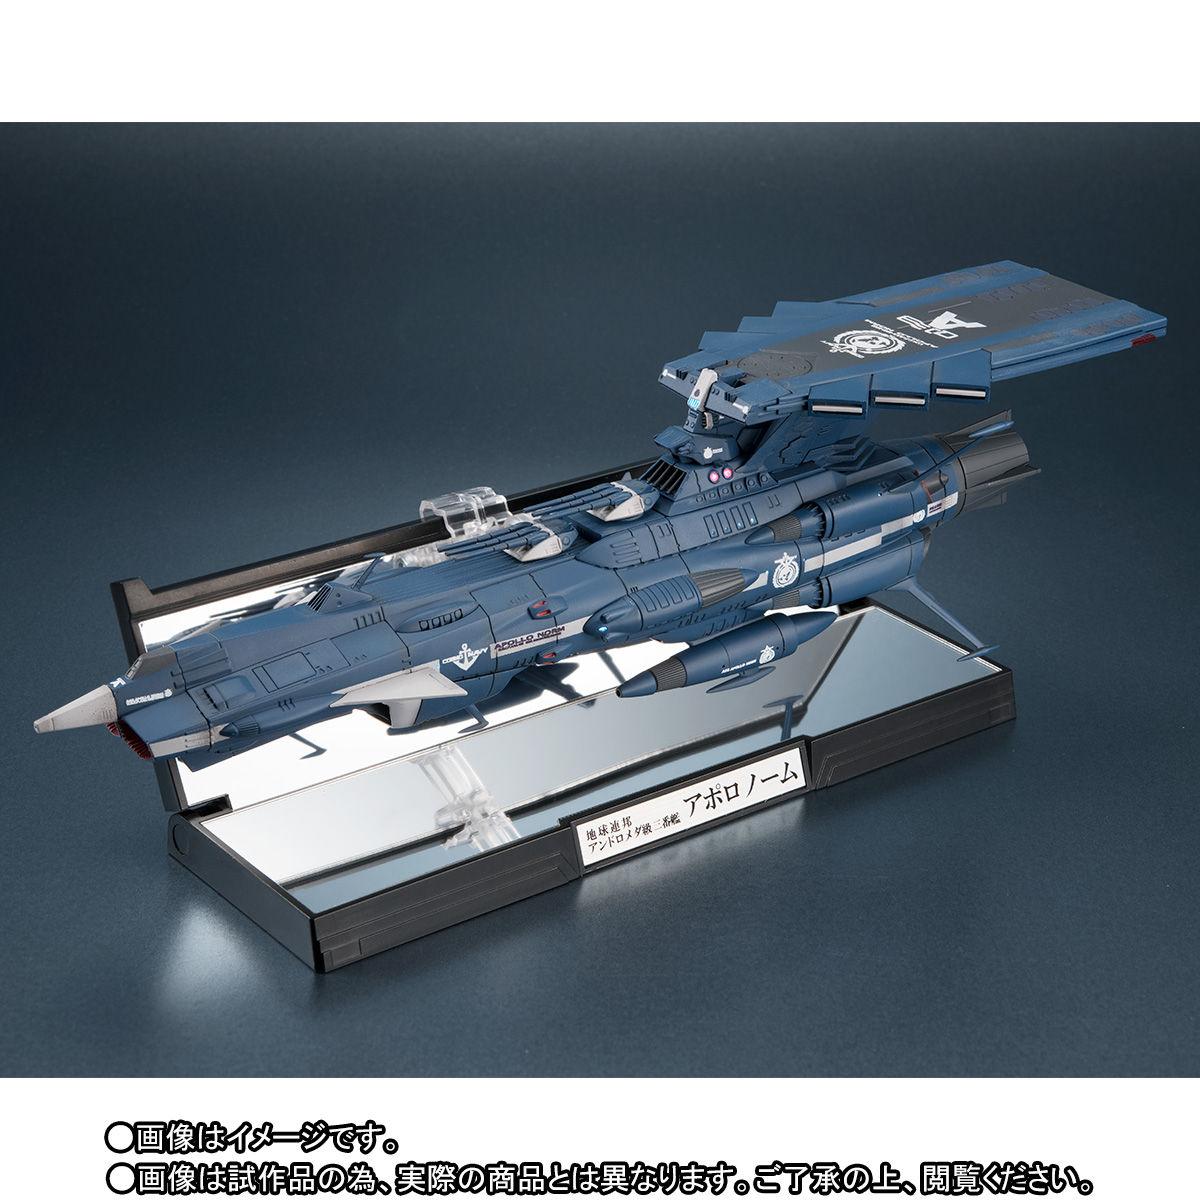 輝艦大全『地球連邦アンドロメダ級三番艦 アポロノーム|宇宙戦艦ヤマト2202』1/2000 完成品モデル-008